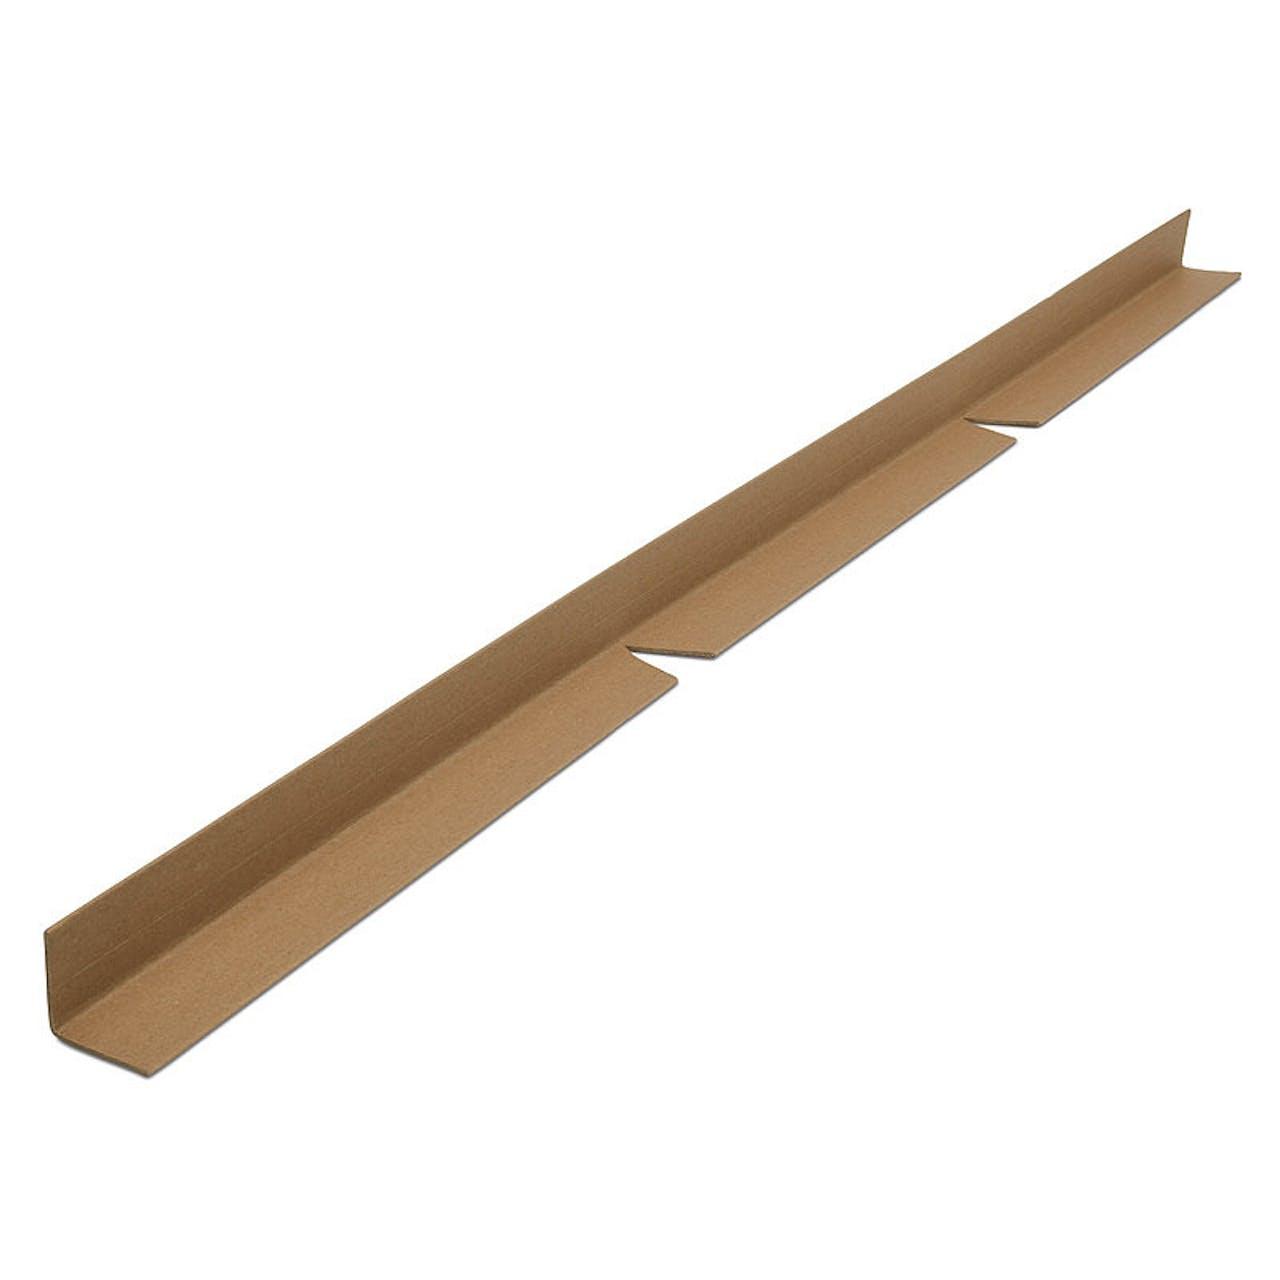 Kantenschutzleiste mit Kerbe zur Längenanpassung